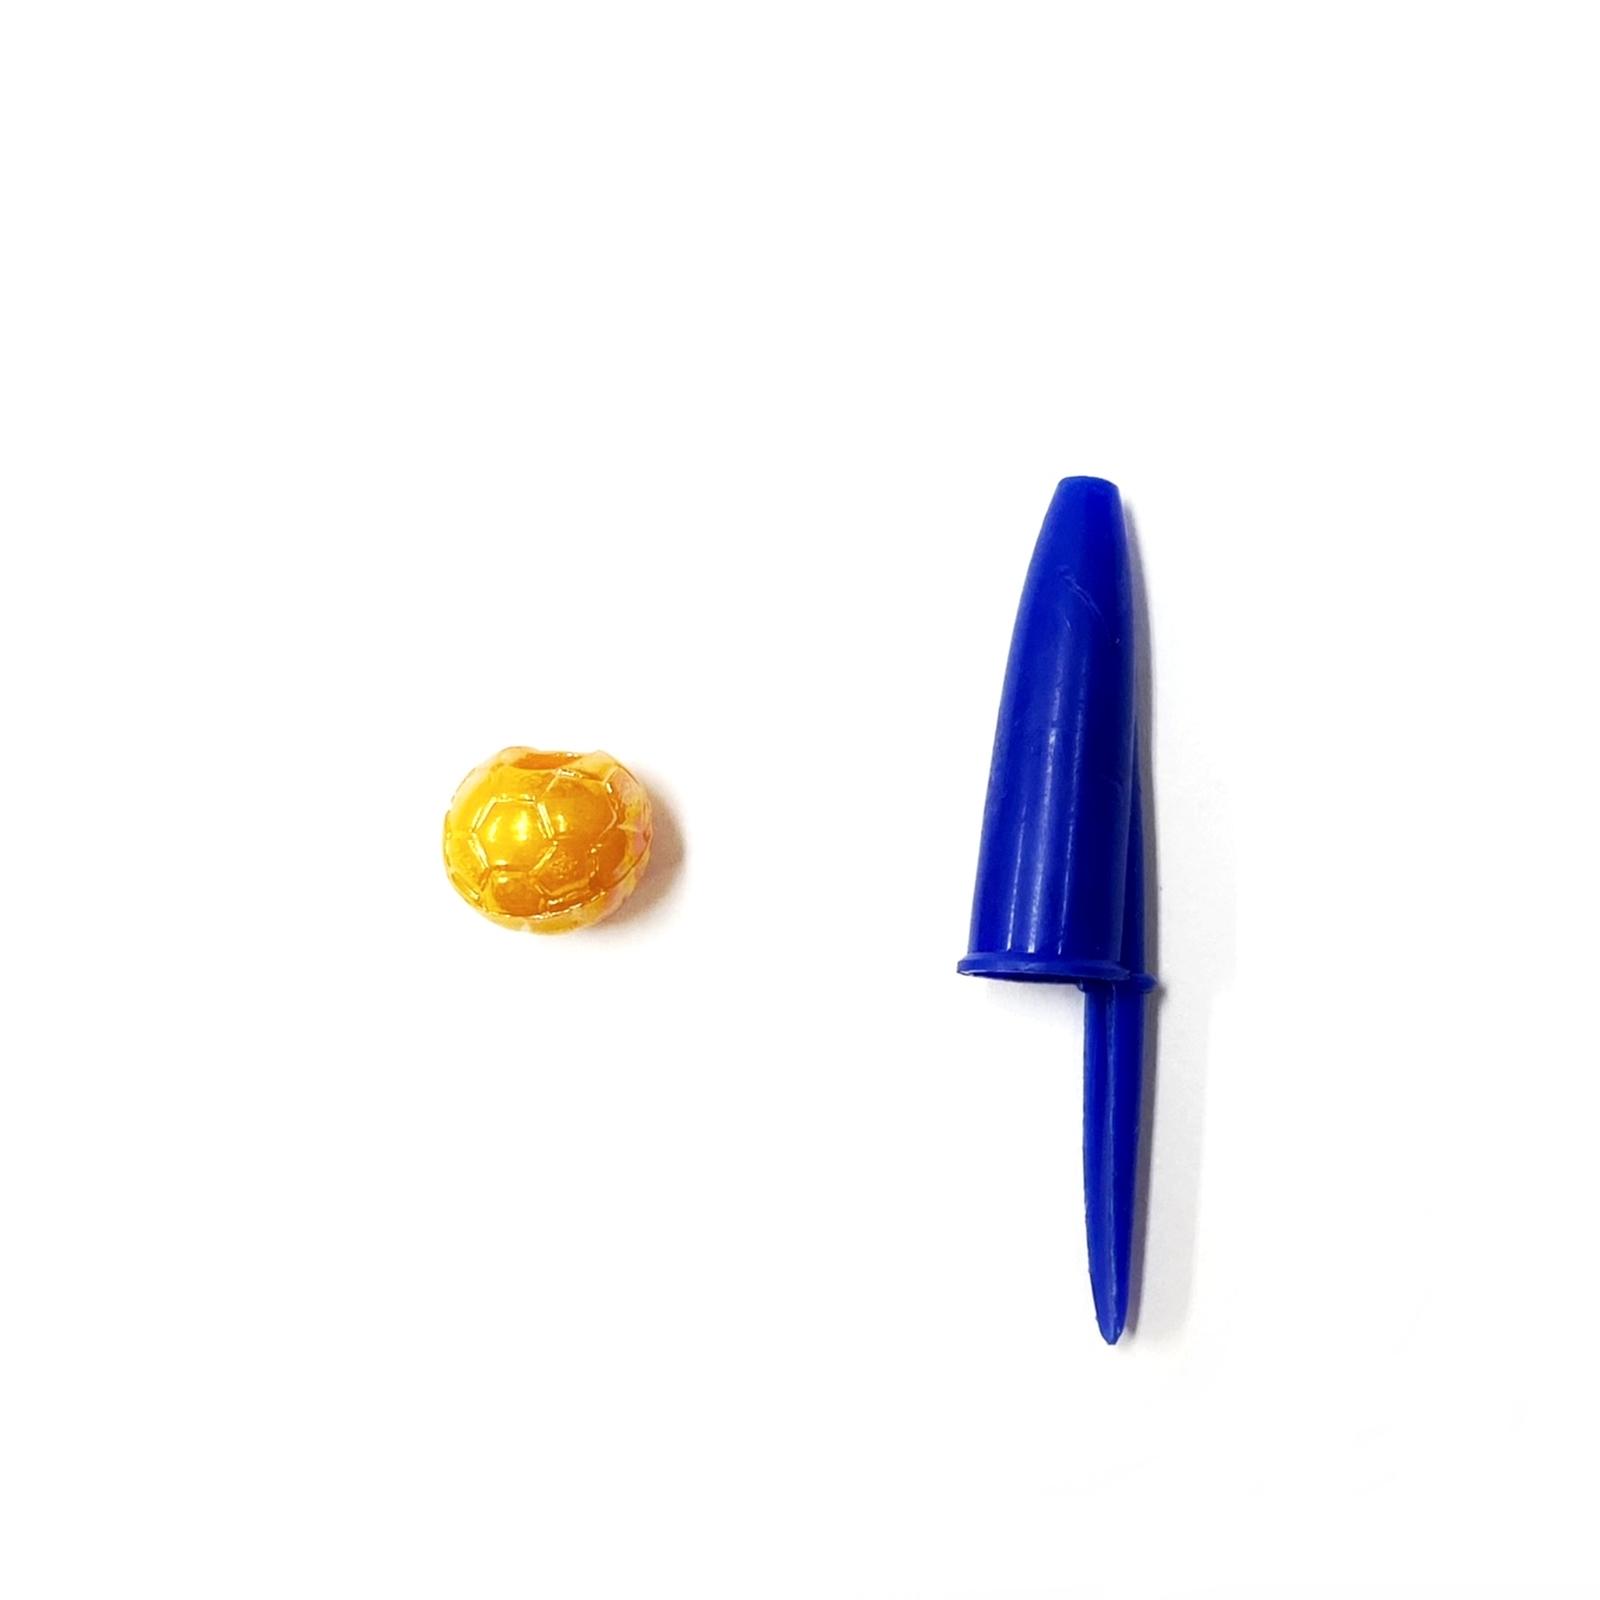 Conta Botão 12mm Colorido - 250g